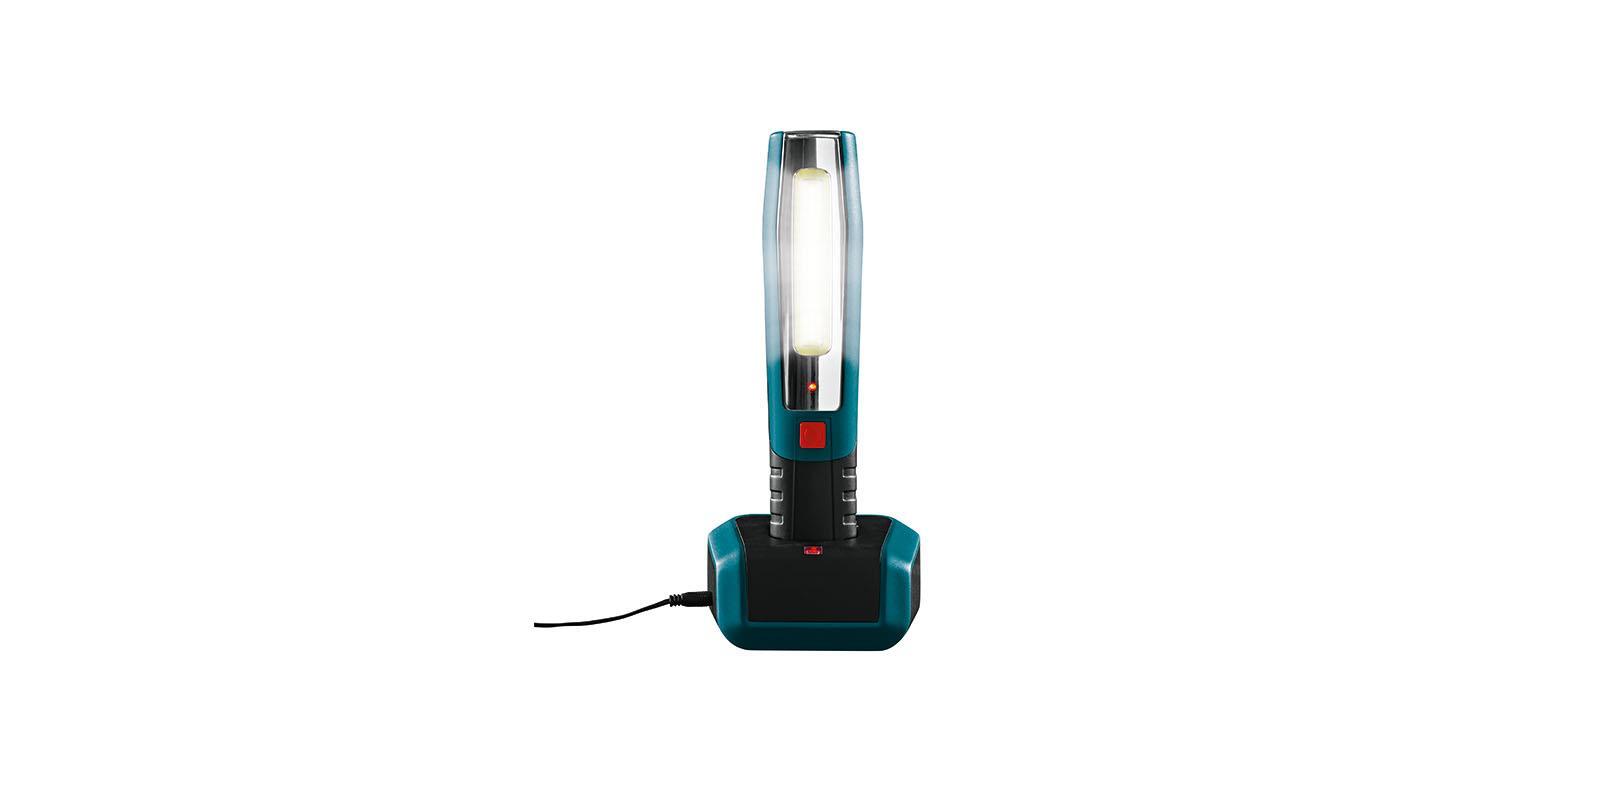 led akku arbeitsleuchte led mit ladestation taschenlampe. Black Bedroom Furniture Sets. Home Design Ideas